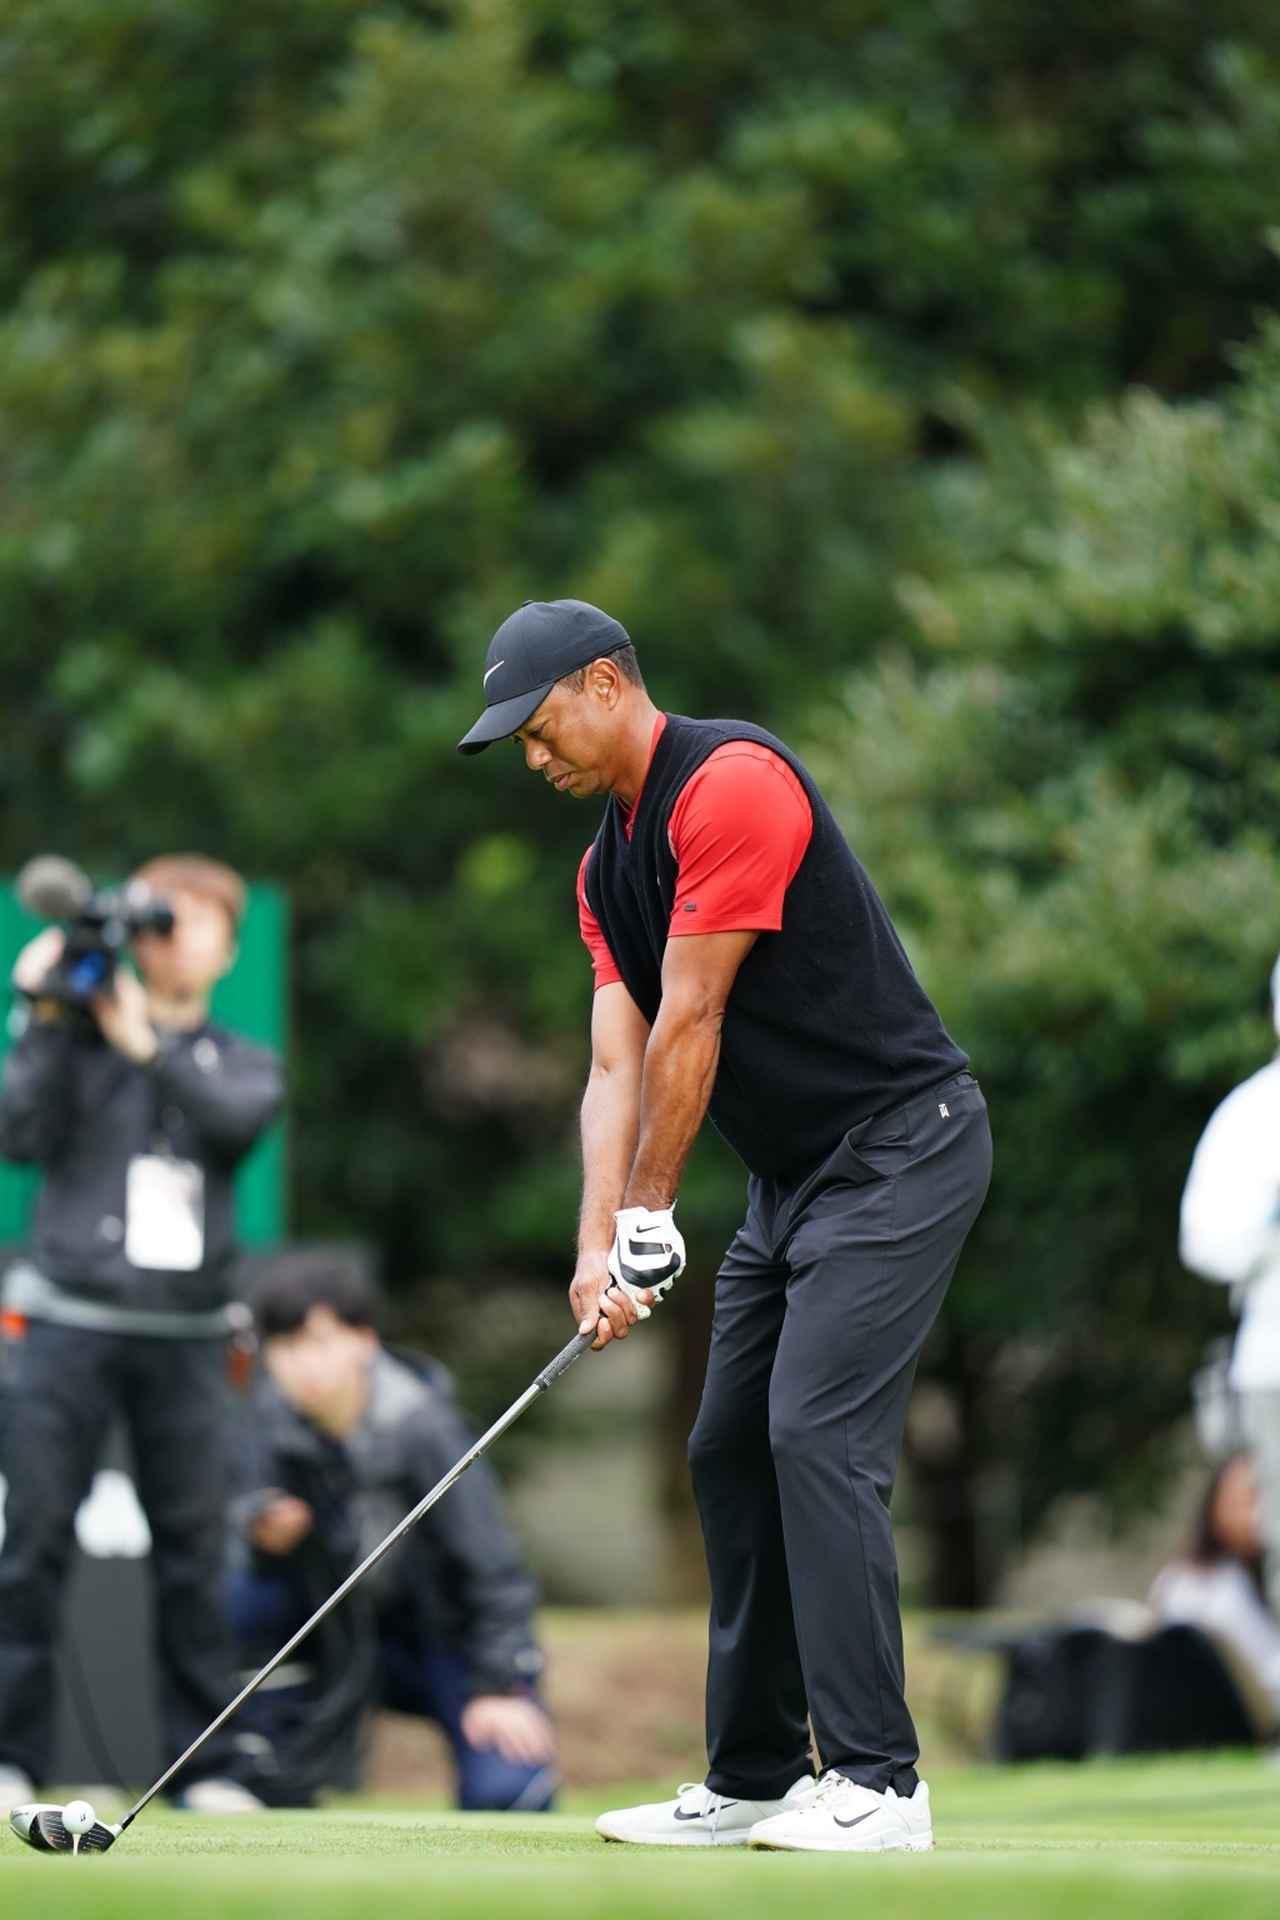 画像: 1番目の画像 - ツアー82勝!タイガー・ウッズのドライバー連続写真 - みんなのゴルフダイジェスト